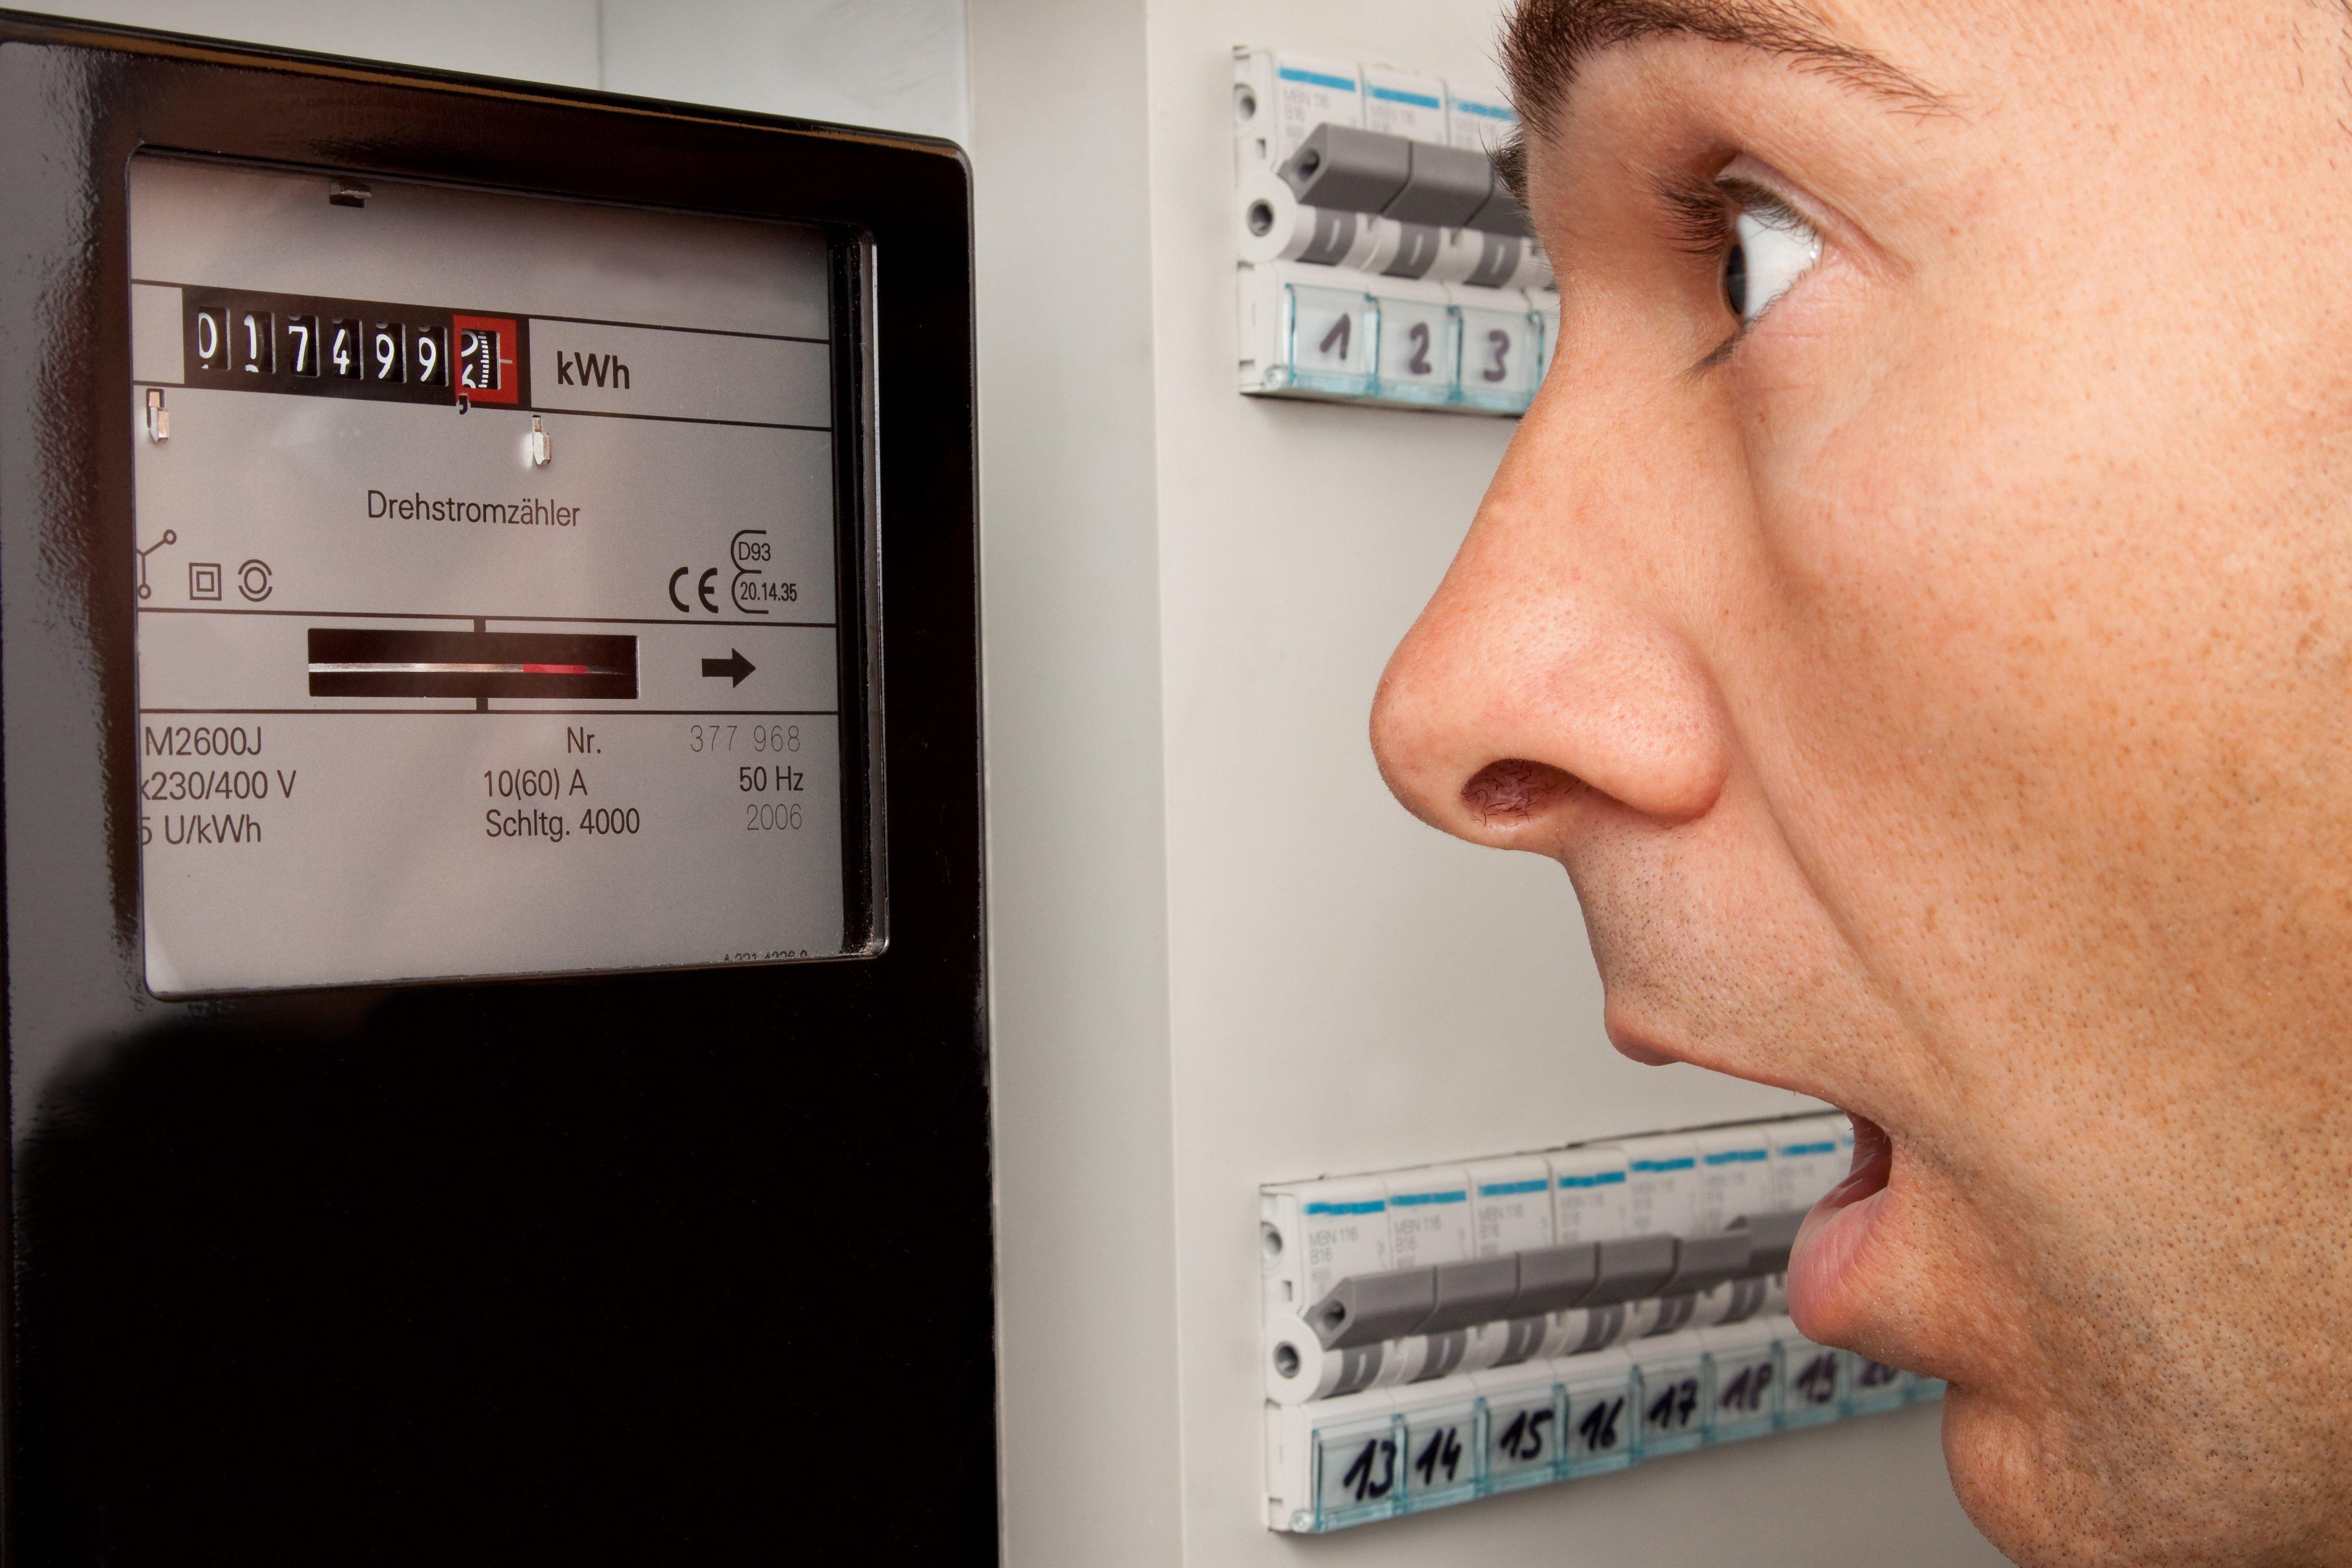 Drehzahlgeregelte Kompressoren sparen überraschend viel Energie